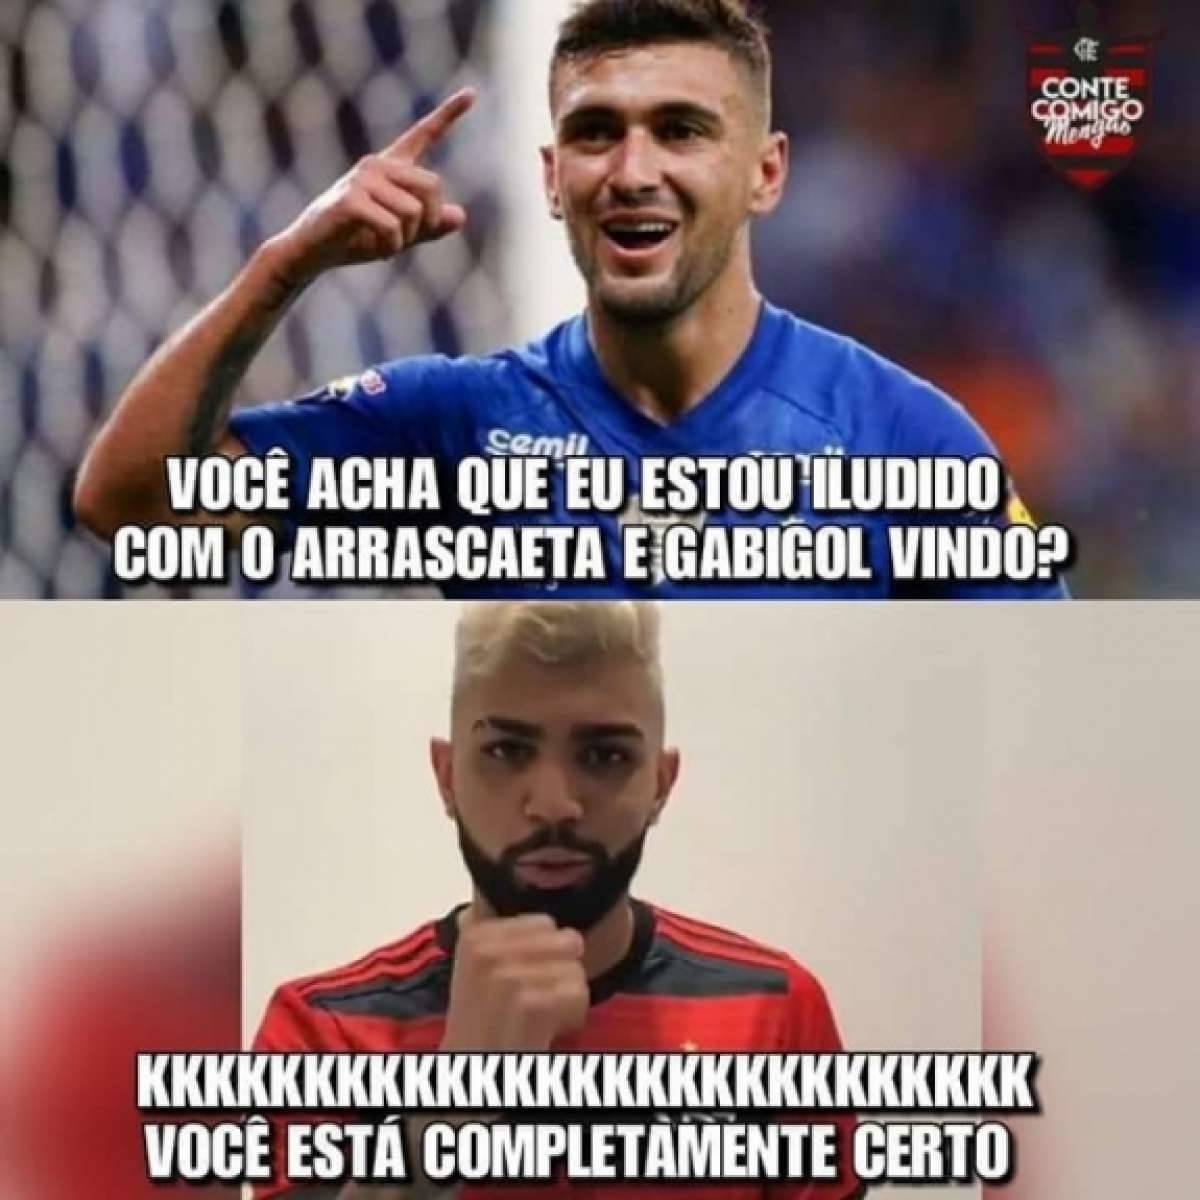 d8a75e99b3 Torcida do Flamengo encheu a Internet de memes Reprodução Internet